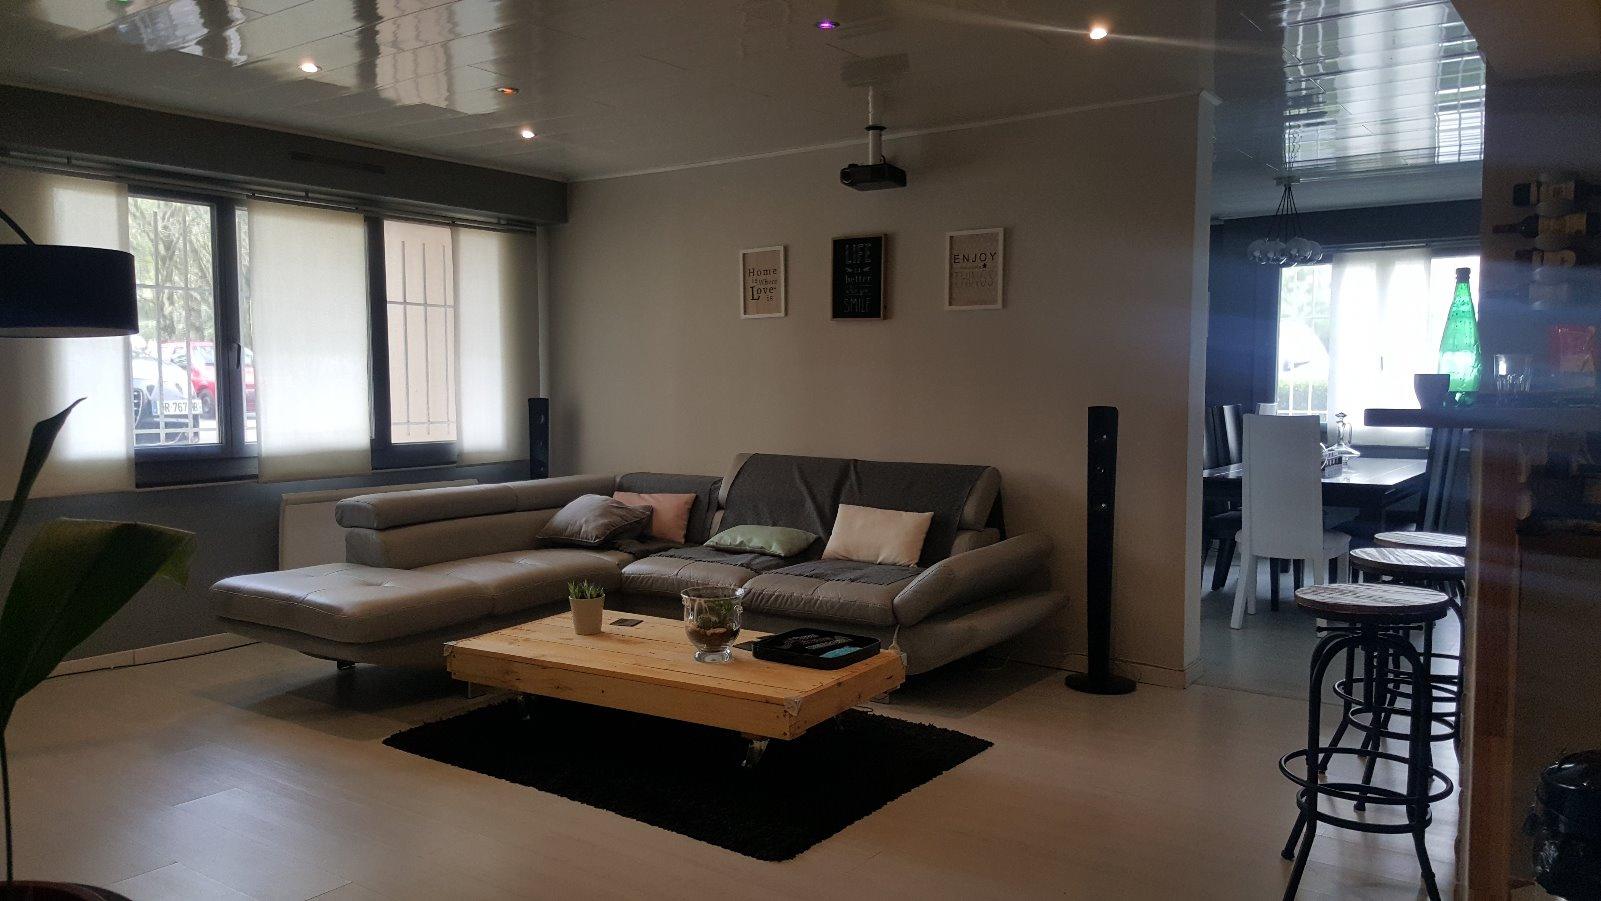 annonce vente appartement pau 64000 83 m 135 000 992737809674. Black Bedroom Furniture Sets. Home Design Ideas